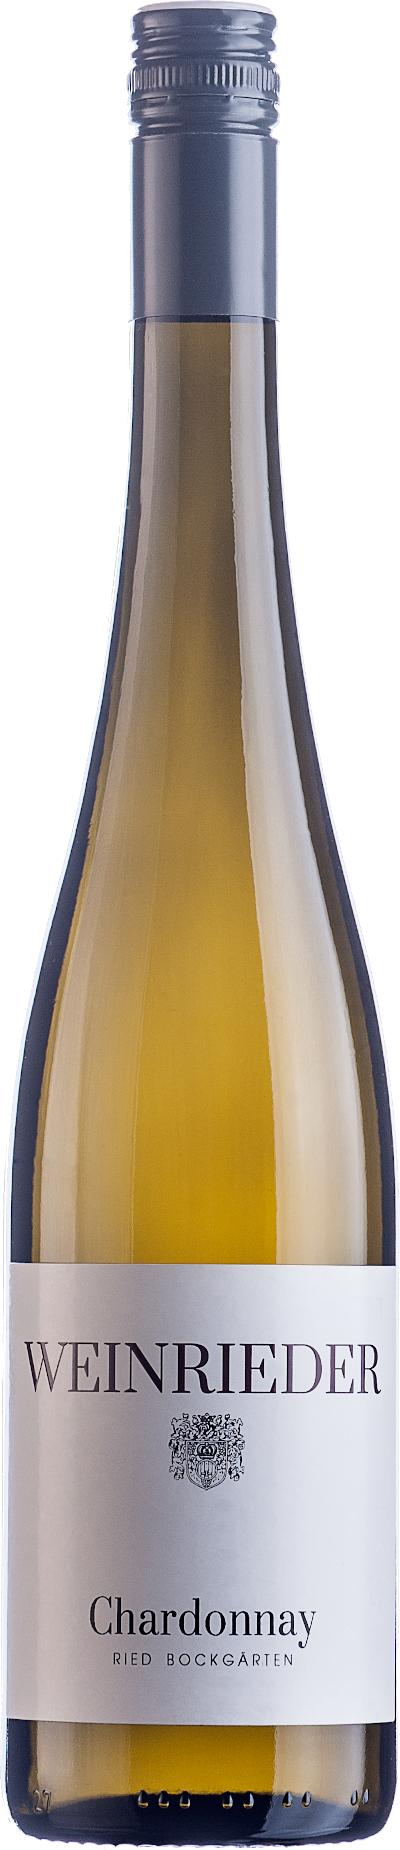 Weinrieder - Chardonnay Ried Bockgärten